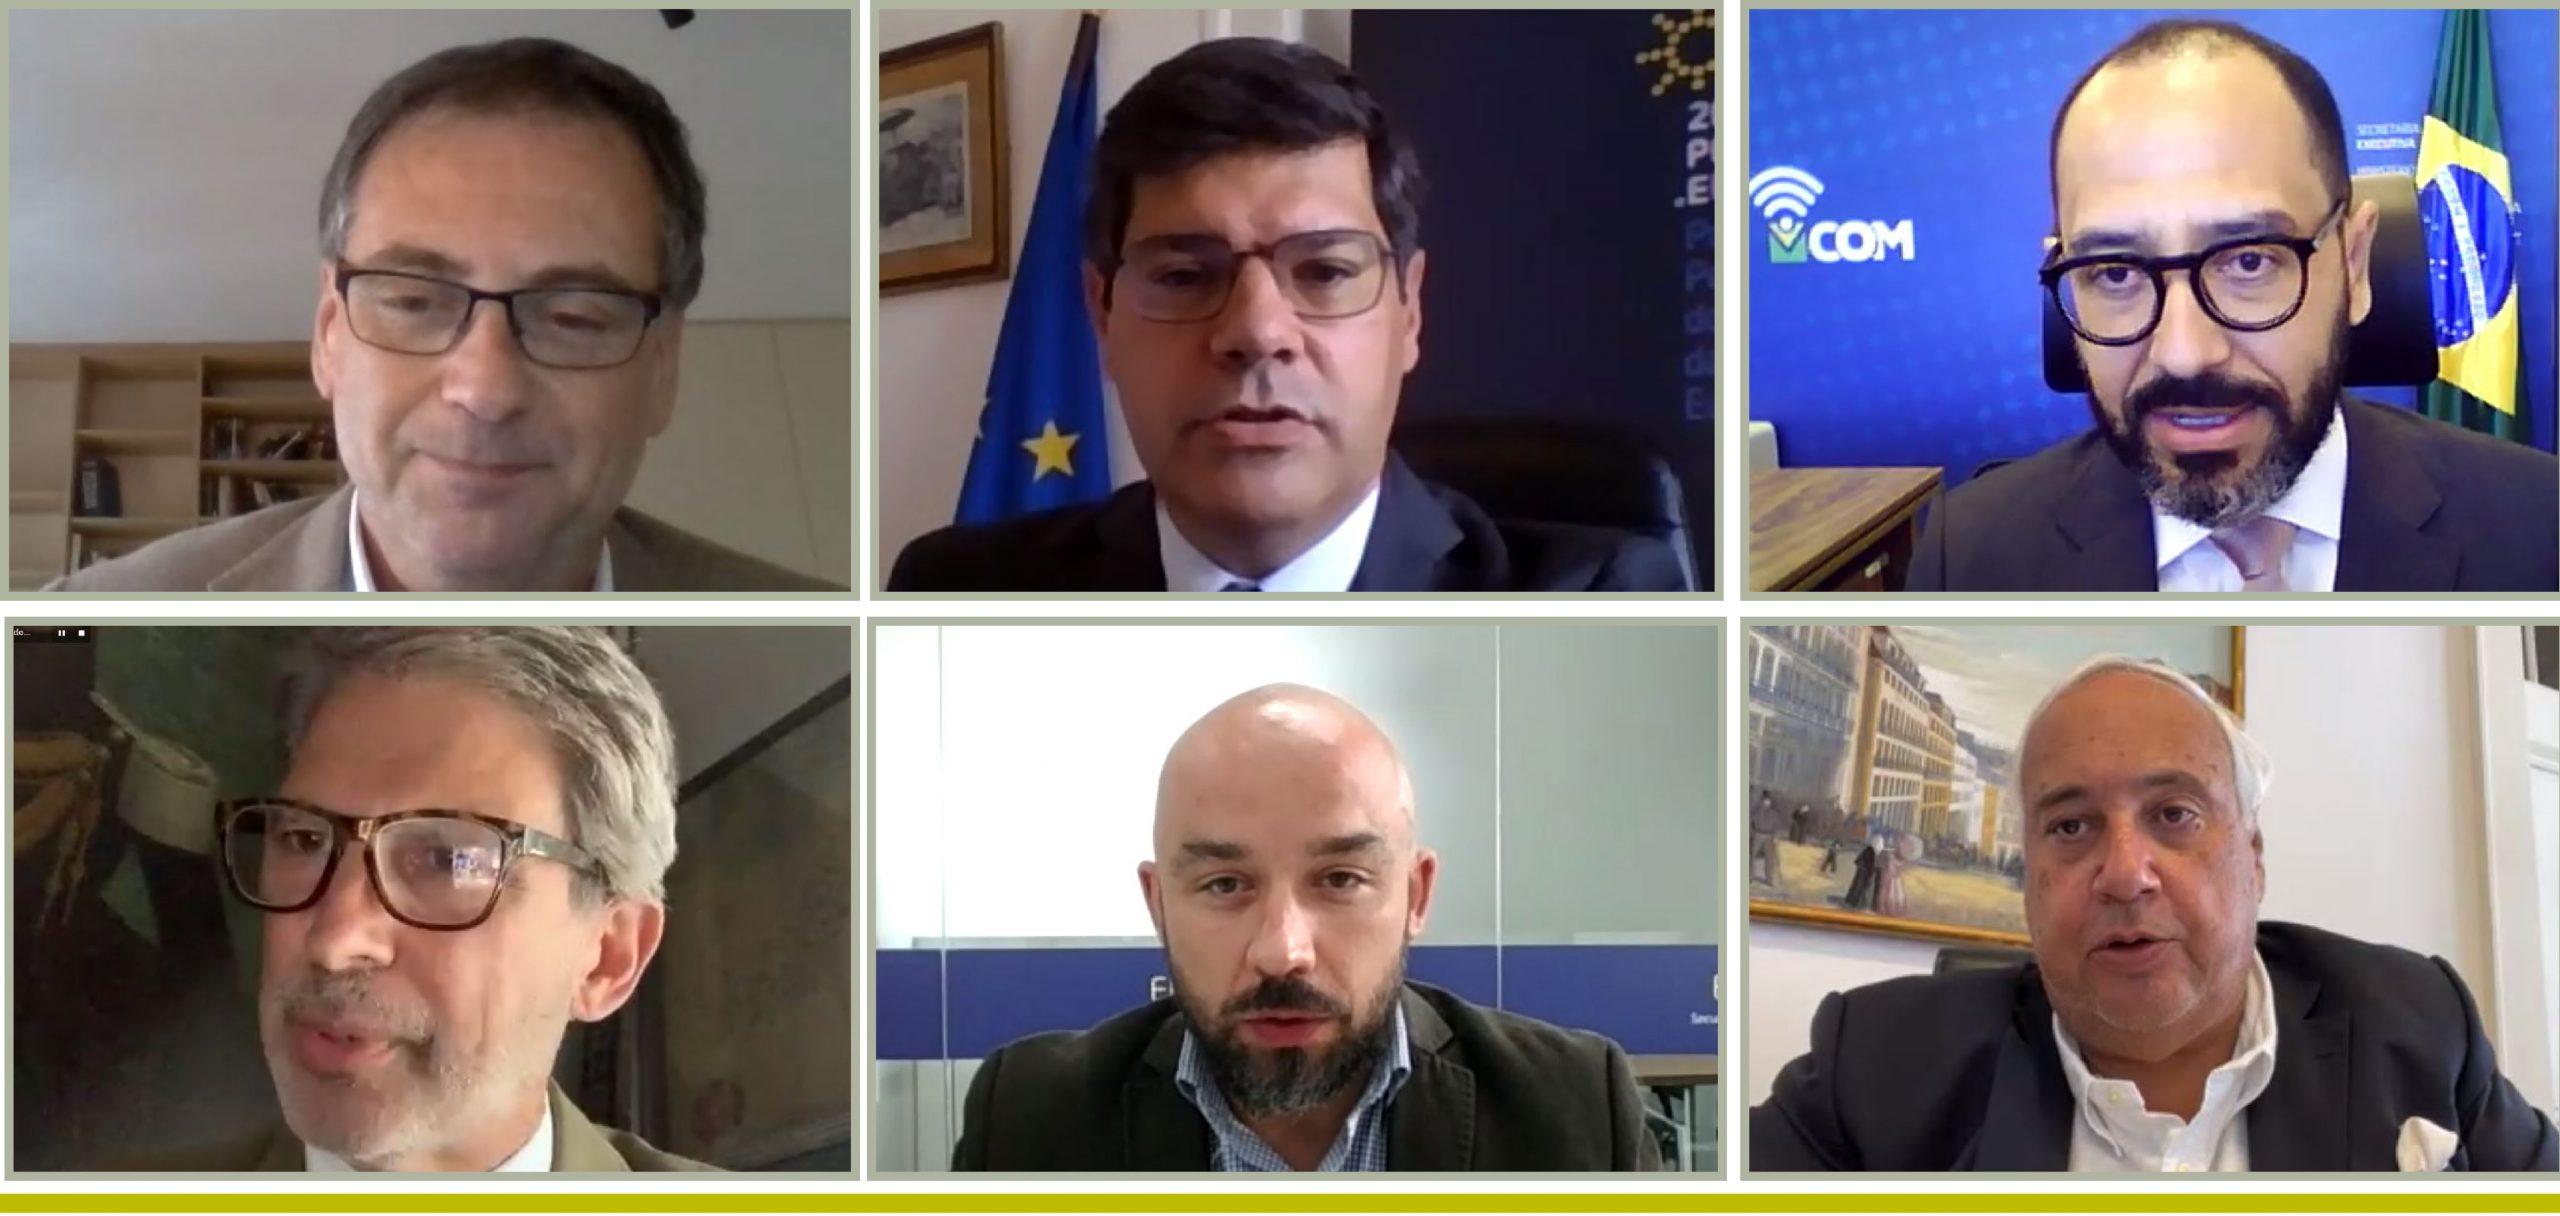 La Transformación Digital en Brasil. Áreas de cooperación con la Unión Europea